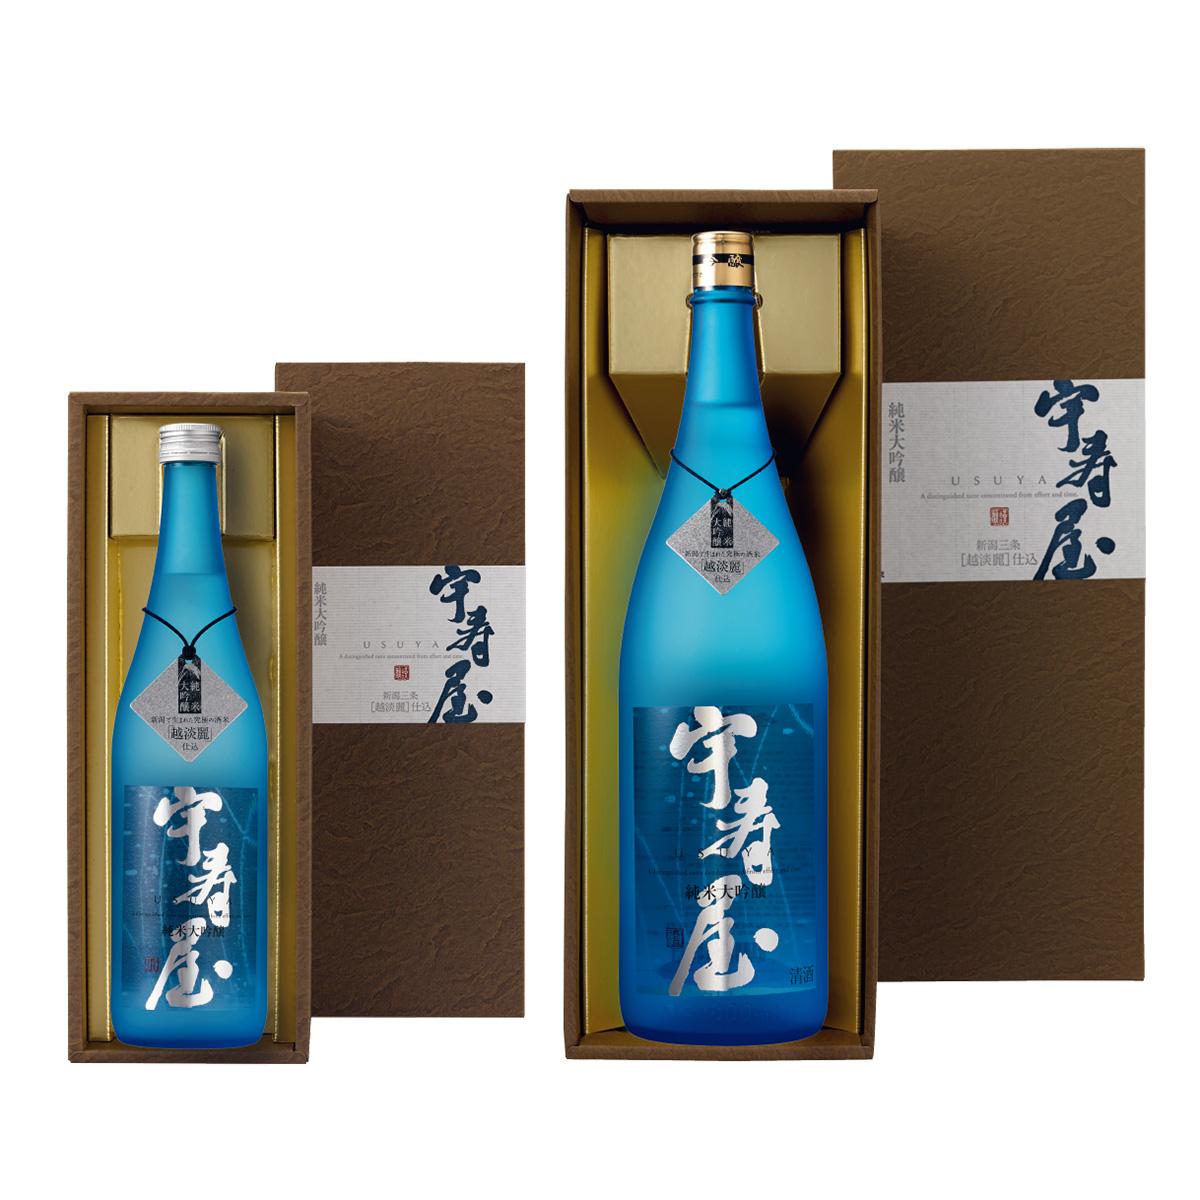 純米大吟醸酒 宇寿屋